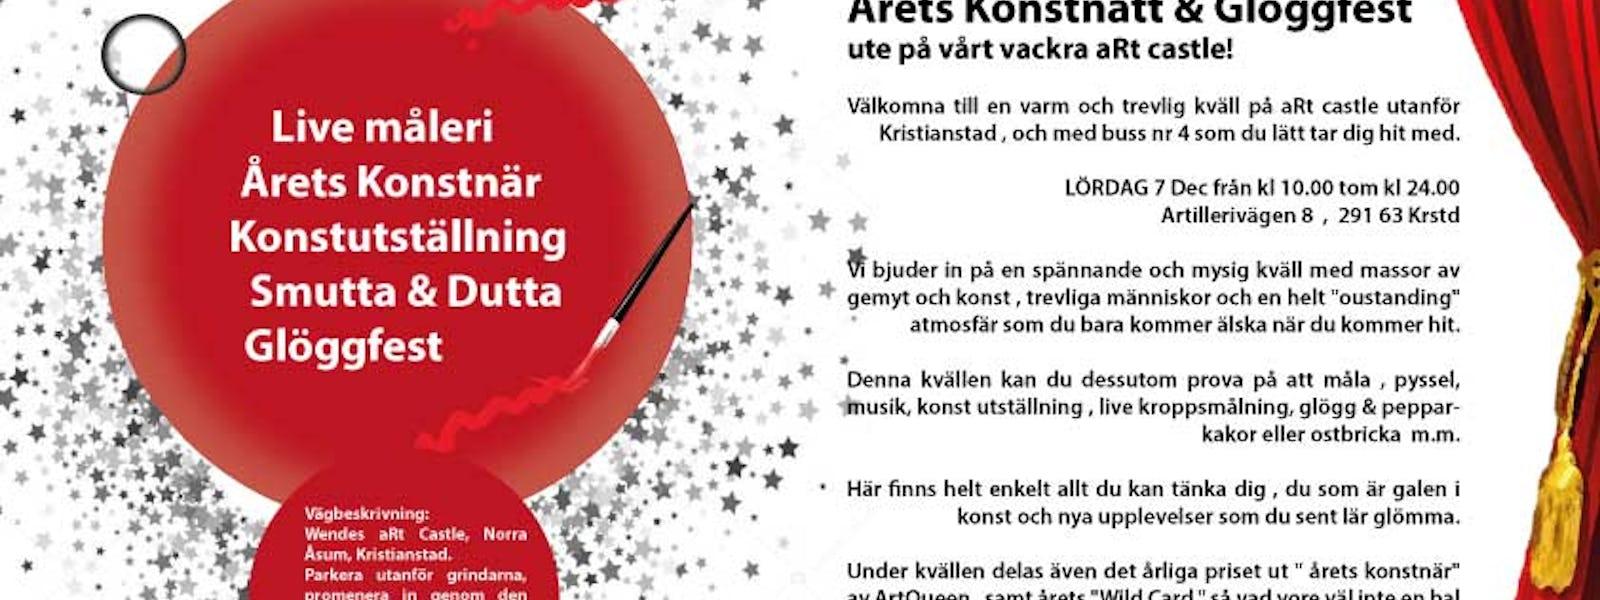 Bild - Konstnatt och glöggfest